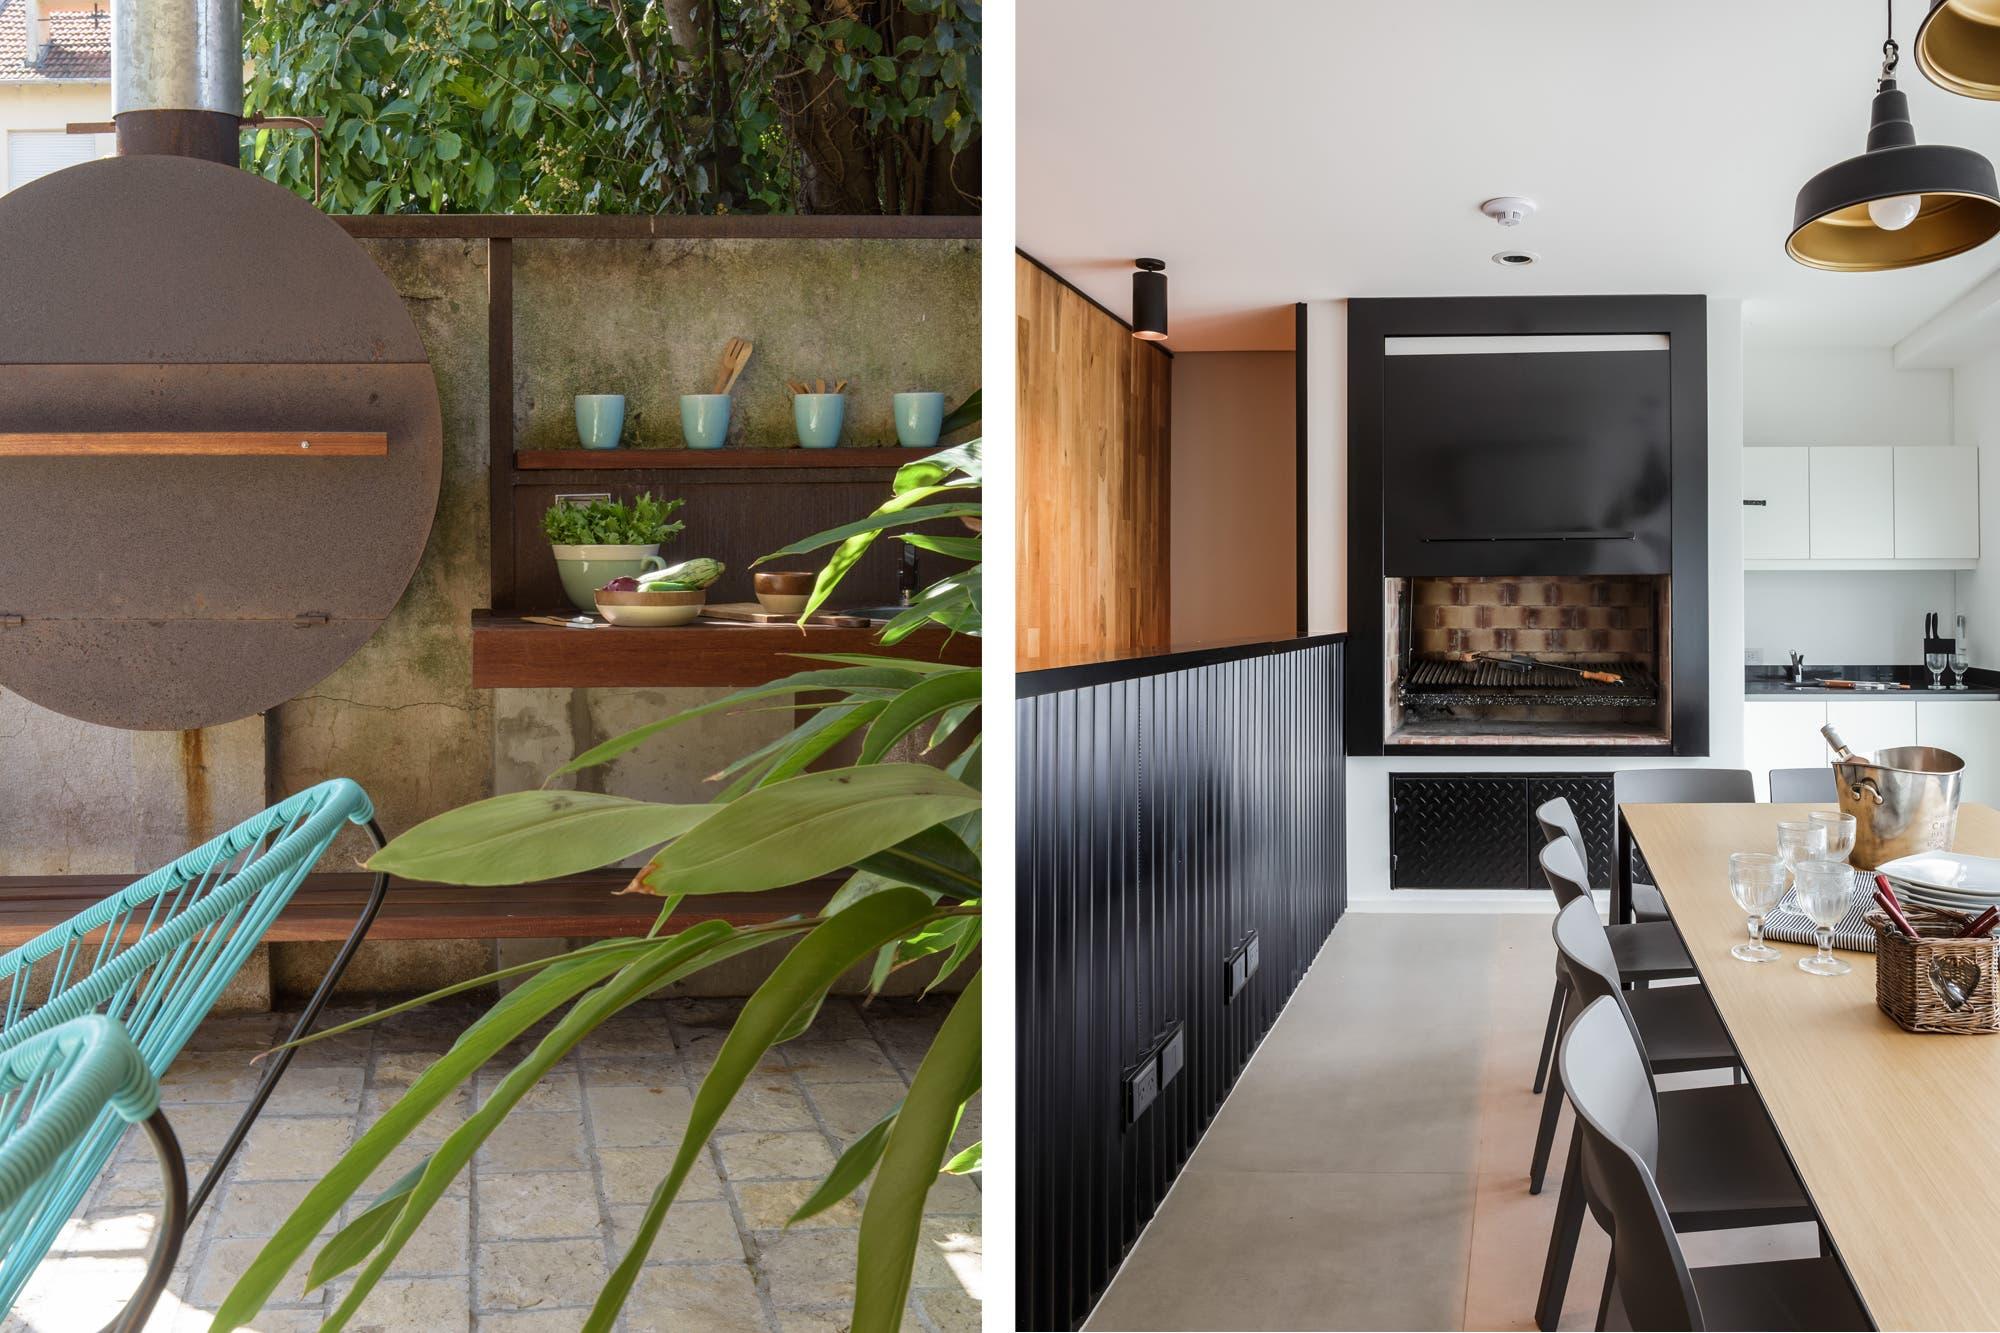 Patio Quincho O Terraza 11 Ideas De Parrillas Para Tu Casa La